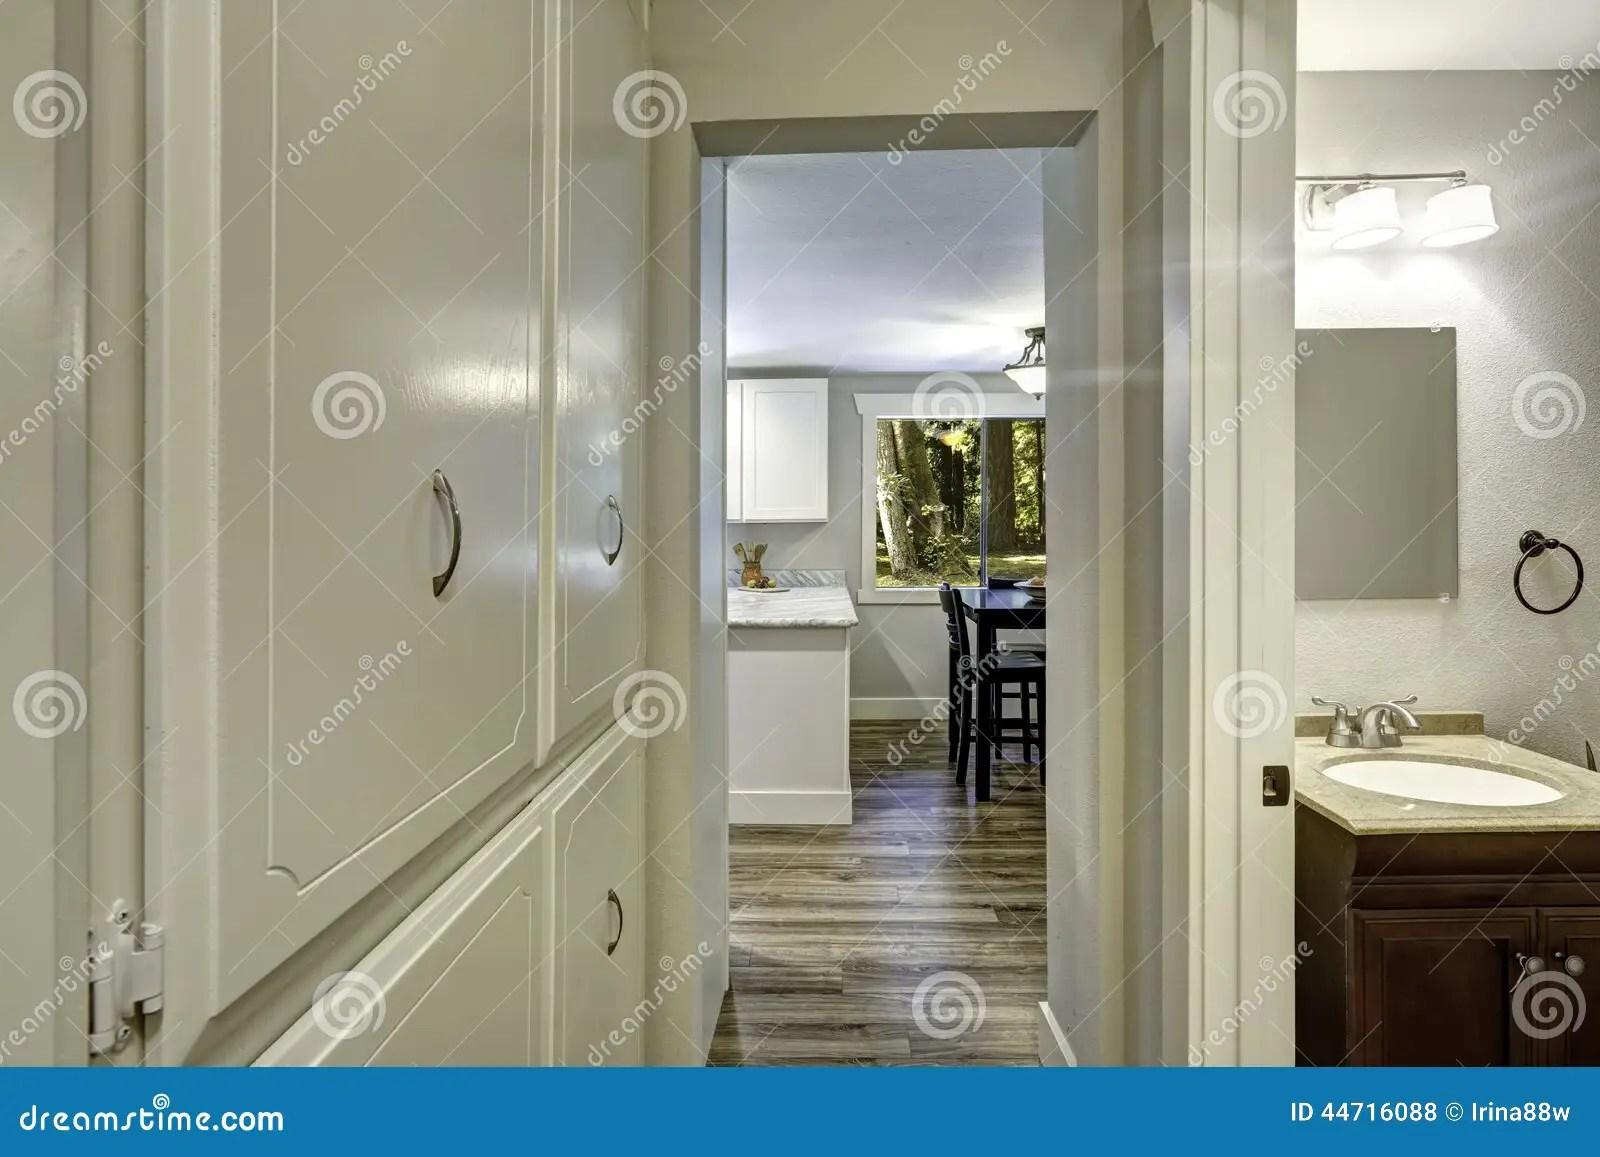 Small Kitchen Floor Plans